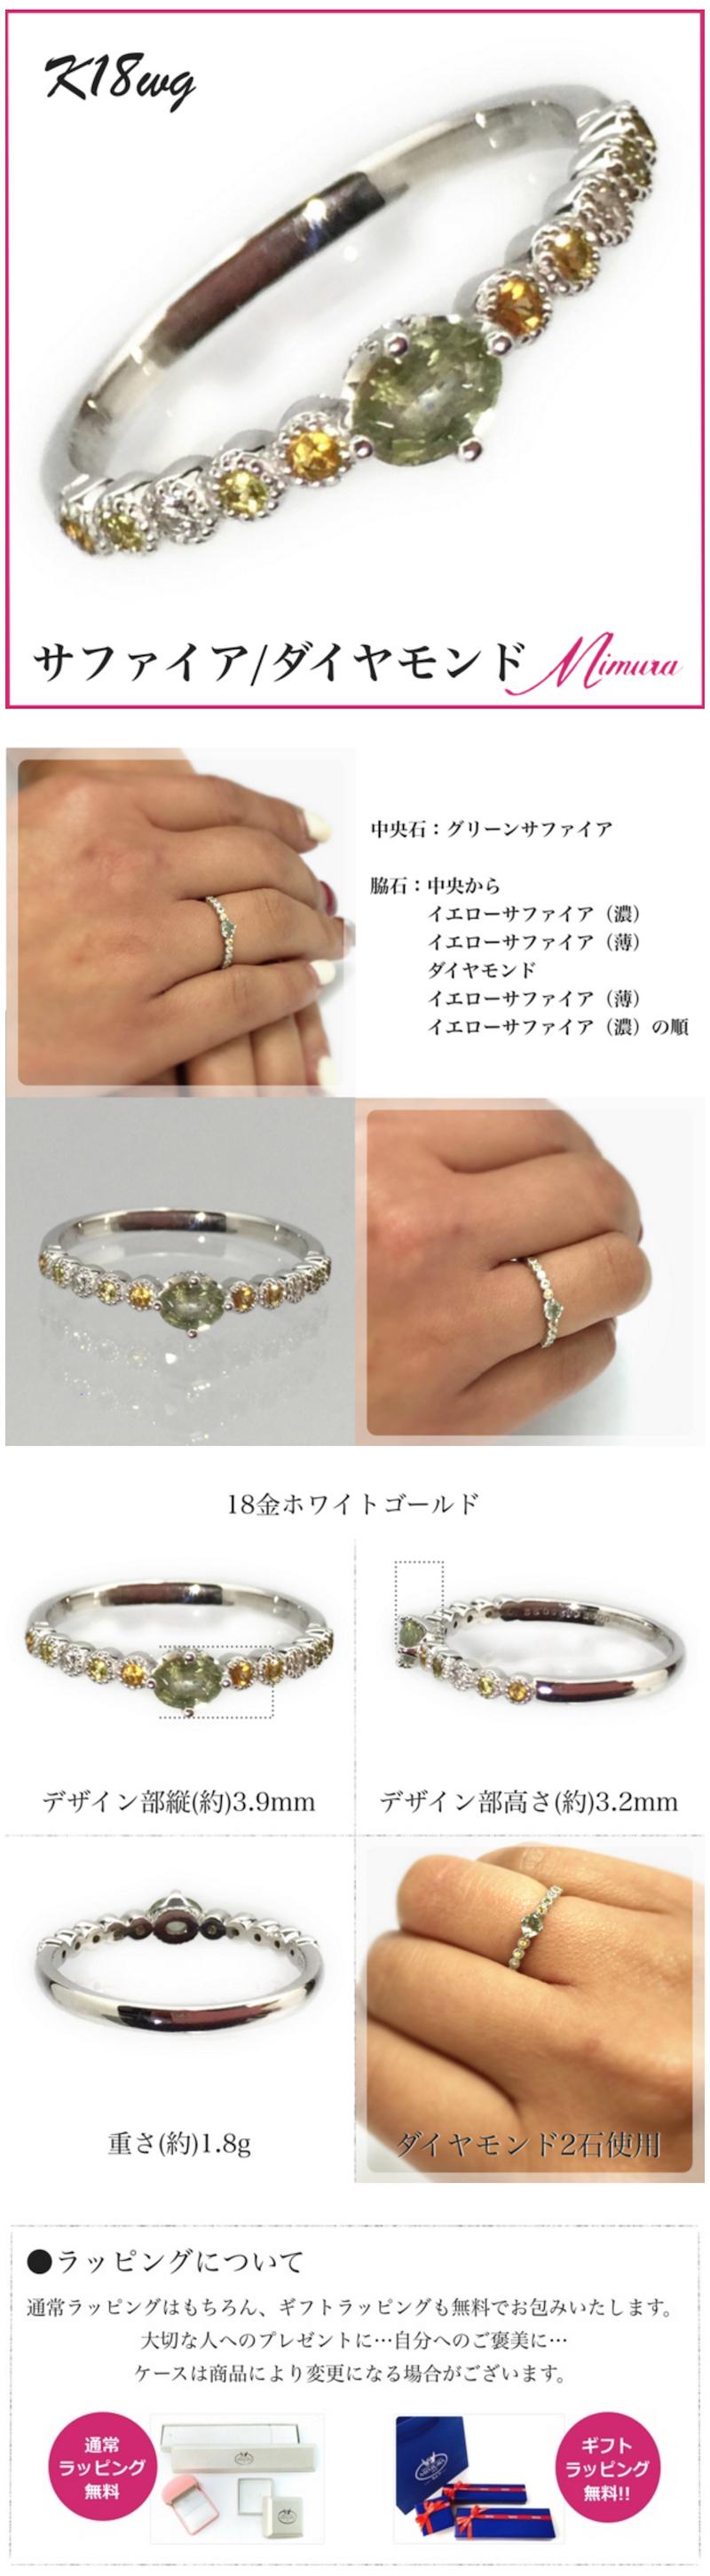 グリーンサファイアイエローサファイアダイヤモンドリング